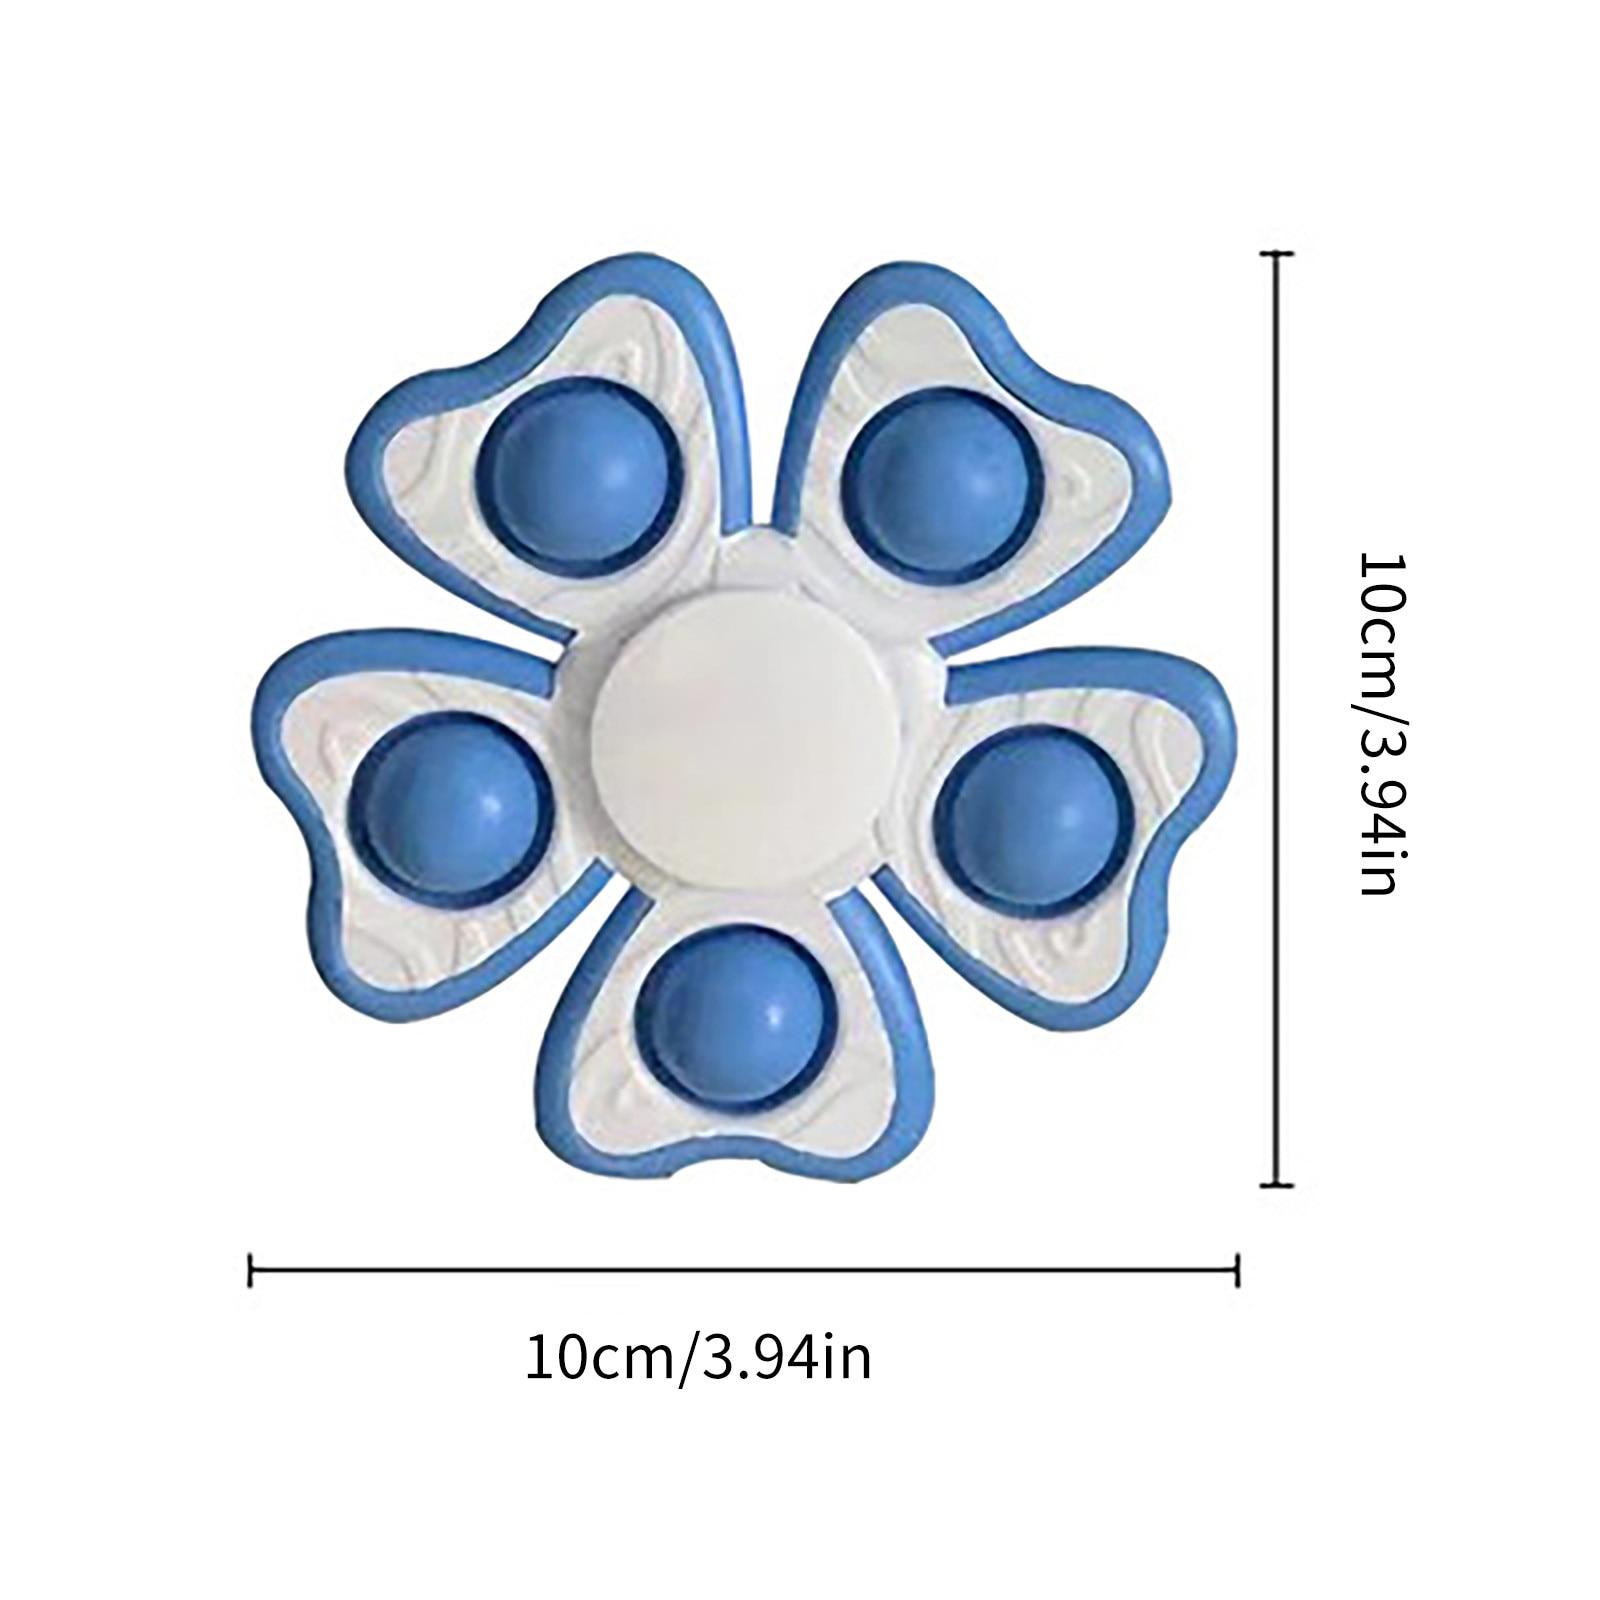 pop it 5 sides spinner fidget toy 5669 - Wacky Track